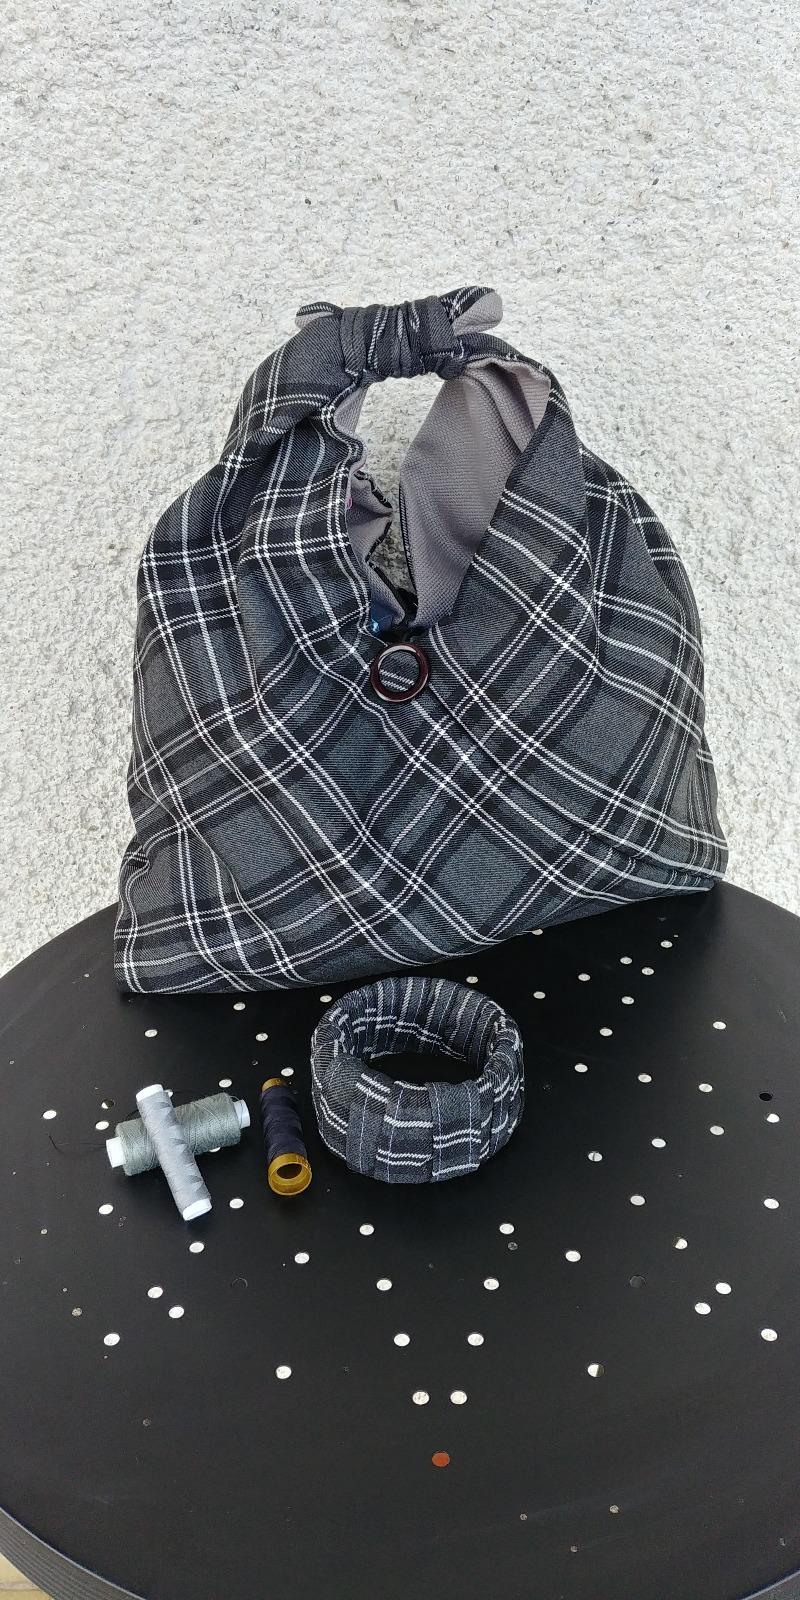 bag-tartan-grey-end-brecelet